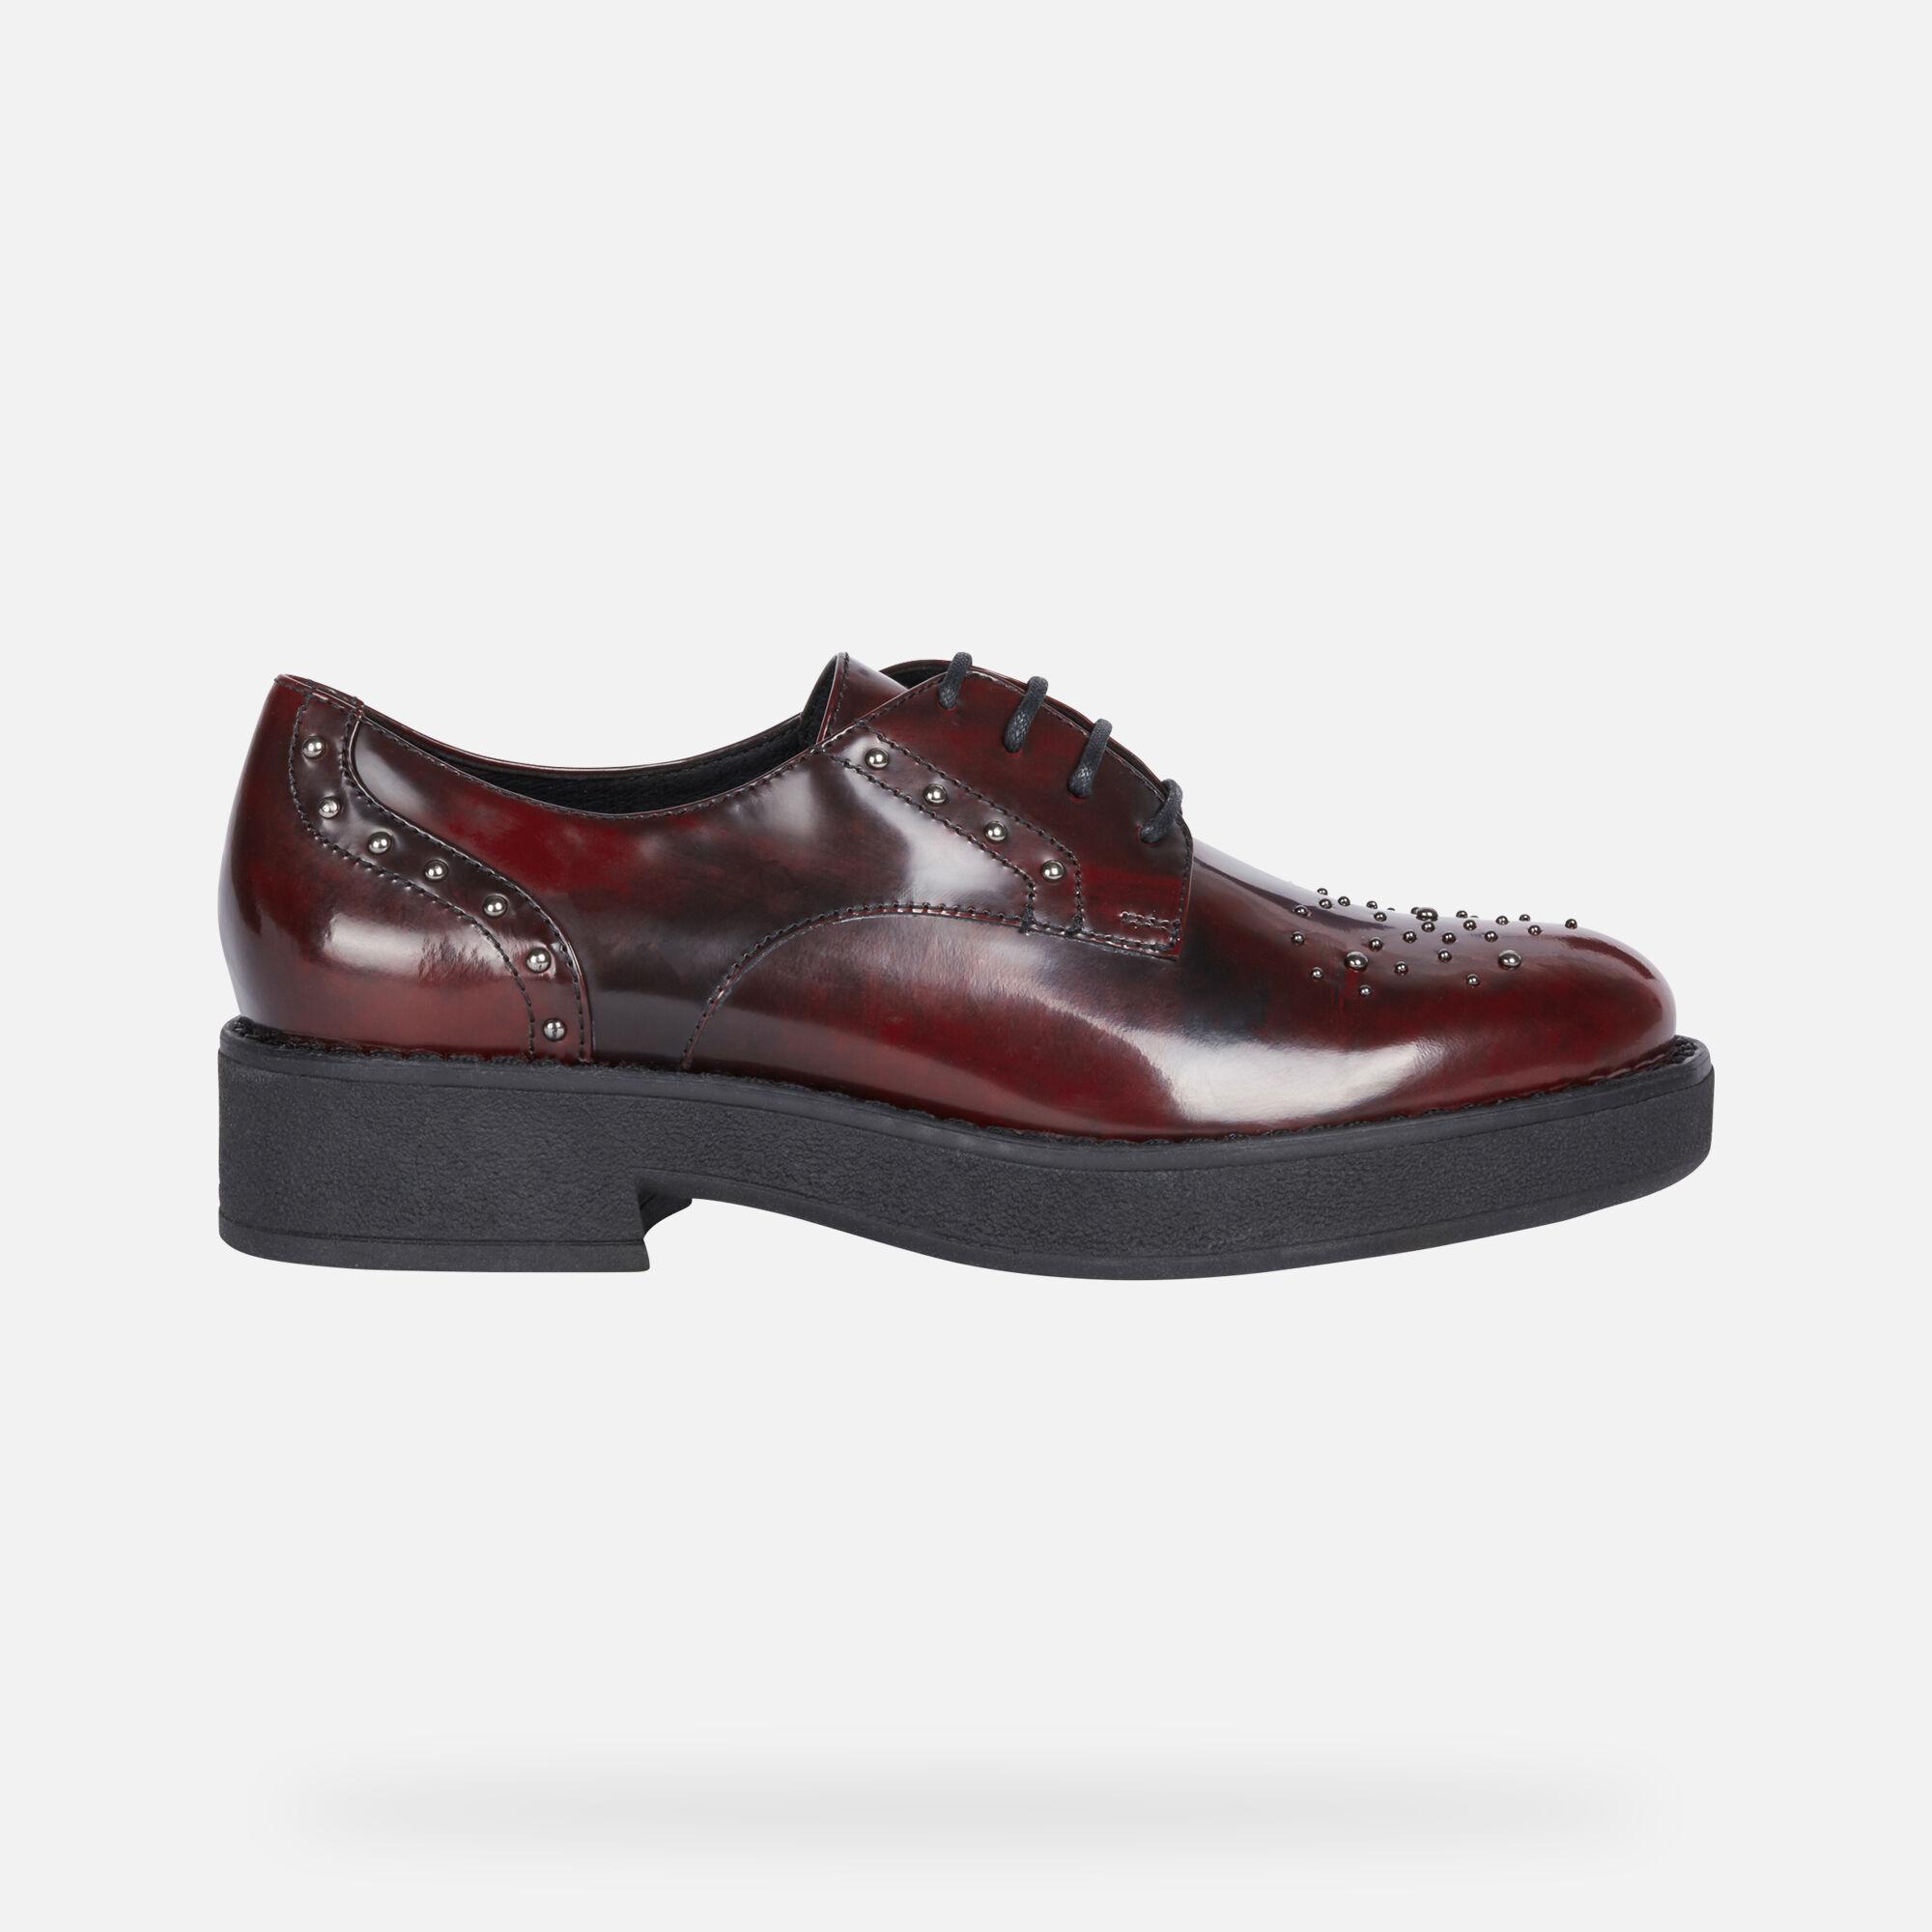 Geox ADRYA Femme Chaussures Bordeaux | Geox Nouveautés